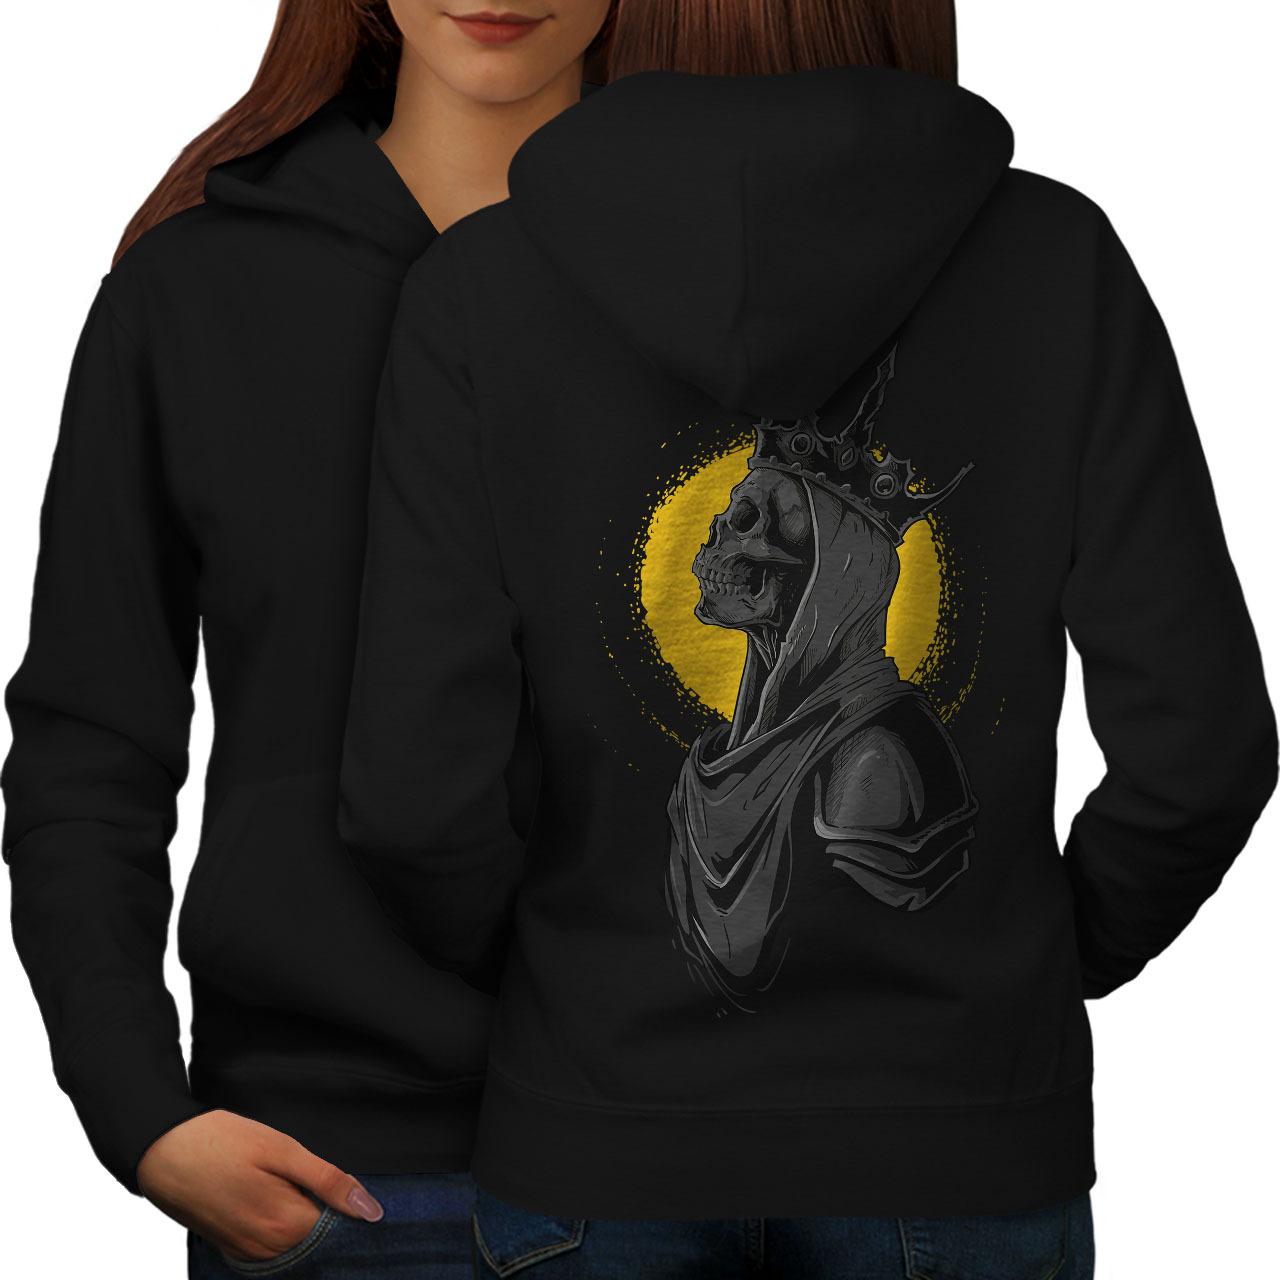 Queen Night Moon Skull Sweatshirt Hoody  Women Hoodie Back - $21.99 - $22.99